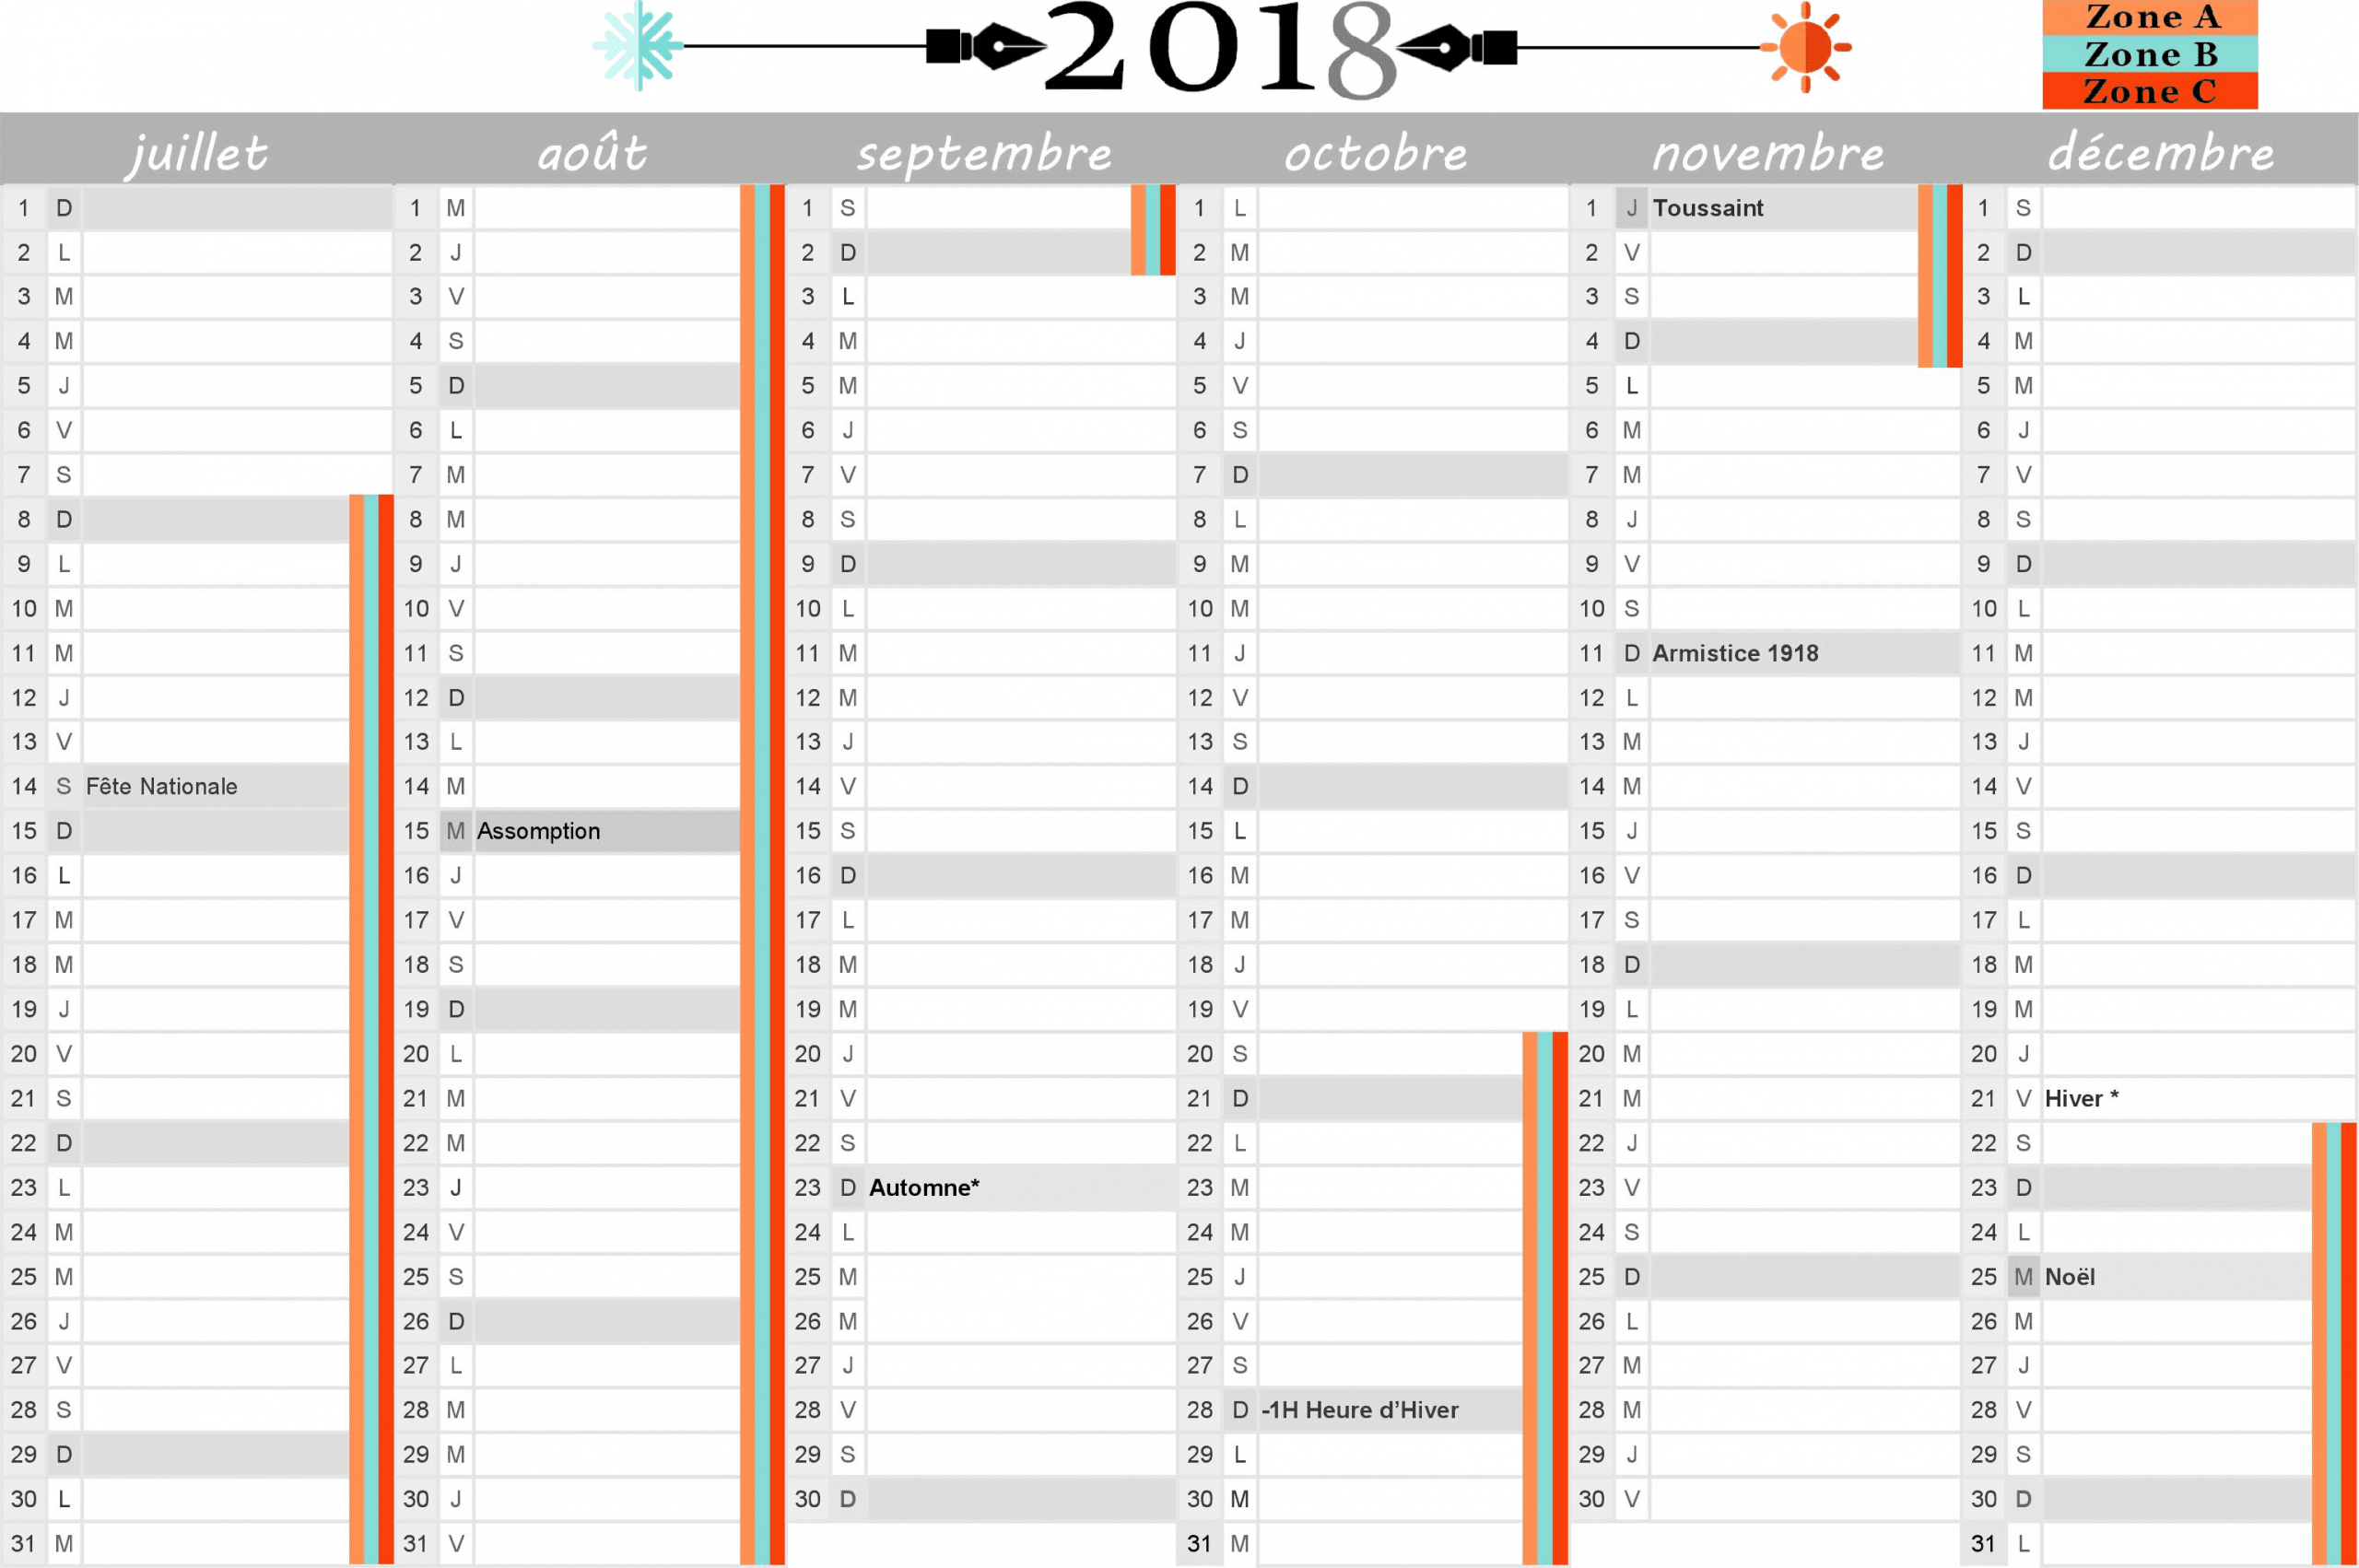 Calendrier 2018 : Vacances Scolaires Et Jours Fériés Inclus avec Calendrier 2018 Avec Jours Fériés Vacances Scolaires À Imprimer